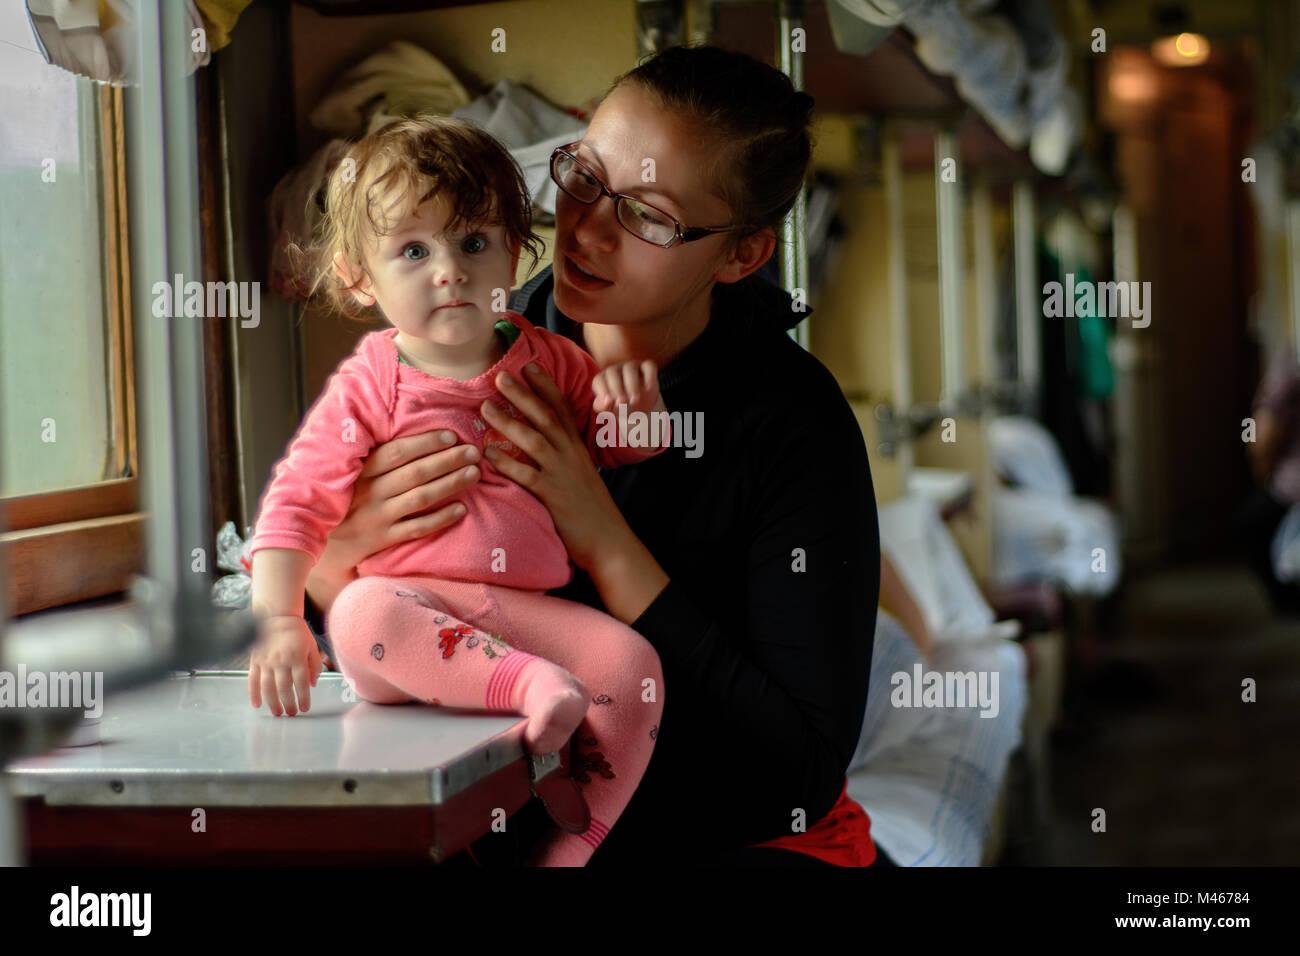 Eine junge Mutter fährt in Gläser zusammen mit einer